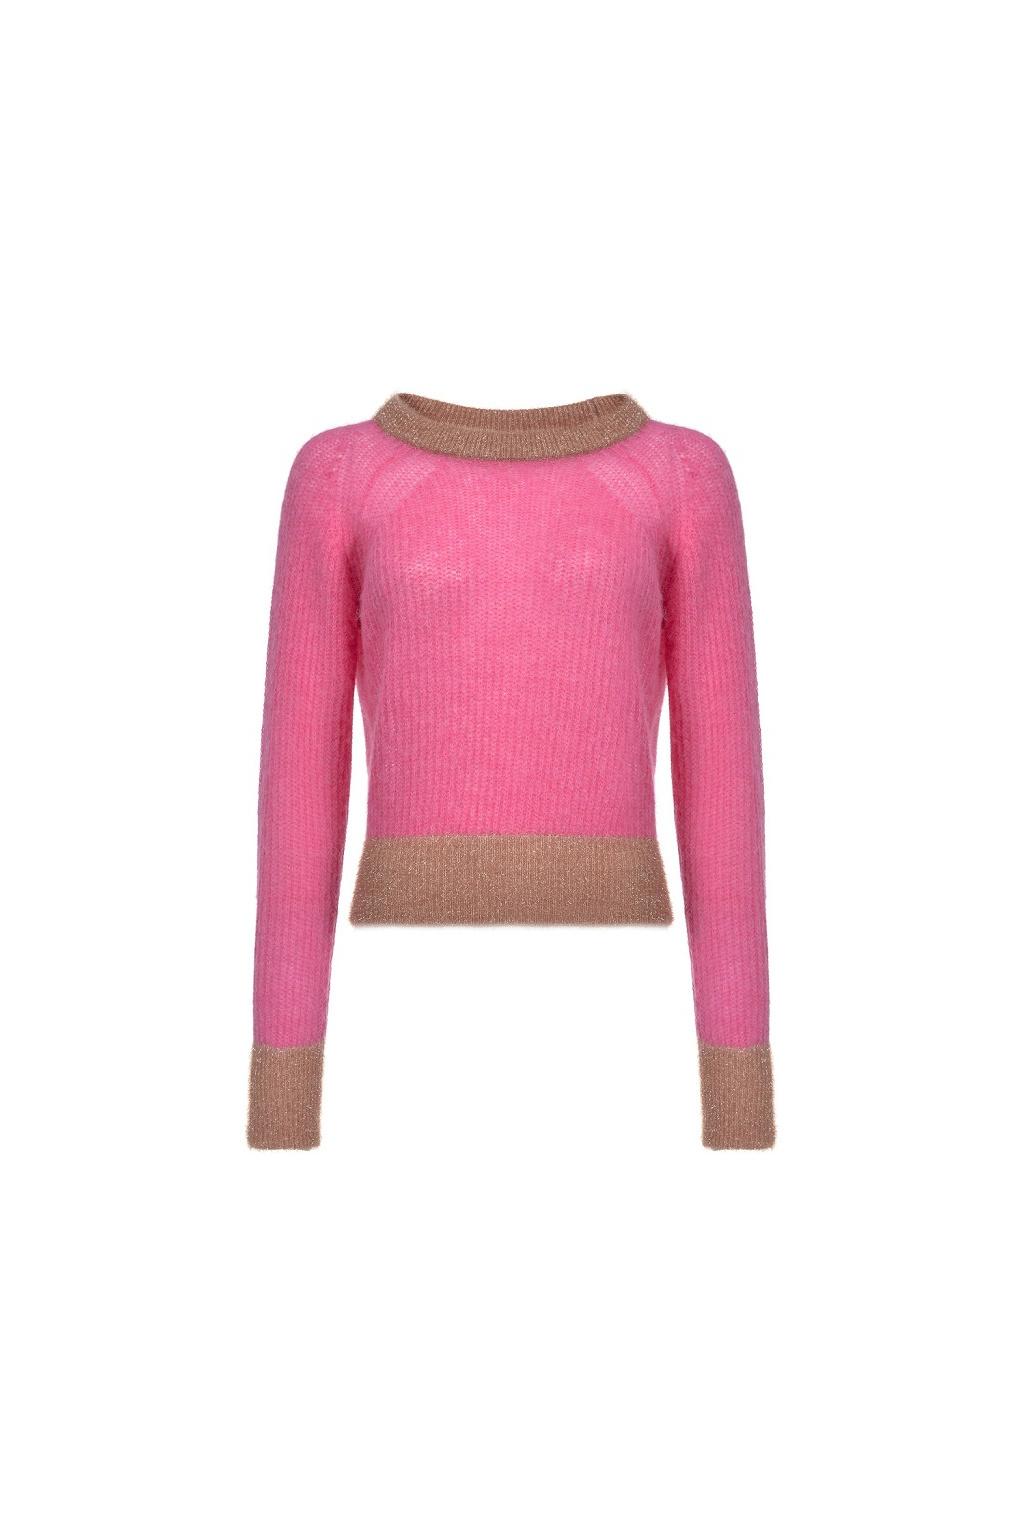 1G14D3 Y5Q6 Dámský svetr Pinko Quaggiu růžový